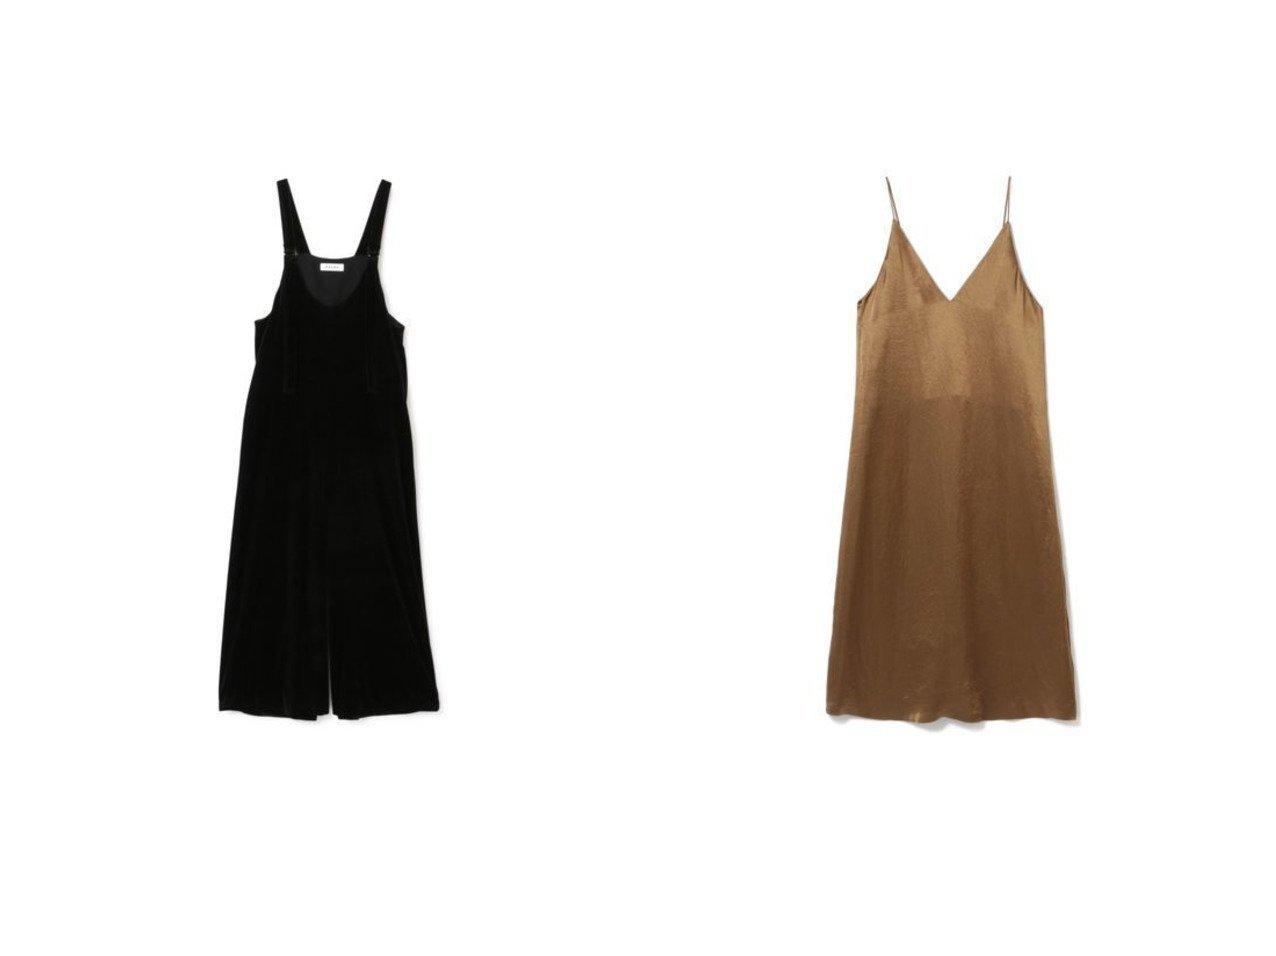 【SACRA/サクラ】のベロアコンビネゾン/TRIACE VELOUR&サテンキャミワンピース/ACETATE SATIN 【ワンピース・ドレス】おすすめ!人気、トレンド・レディースファッションの通販 おすすめで人気の流行・トレンド、ファッションの通販商品 インテリア・家具・メンズファッション・キッズファッション・レディースファッション・服の通販 founy(ファニー) https://founy.com/ ファッション Fashion レディースファッション WOMEN トップス・カットソー Tops/Tshirt ベロア Velour ワンピース Dress オールインワン ワンピース All In One Dress サロペット Salopette ドレス Party Dresses キャミワンピース No Sleeve Dresses コンビネゾン ベロア ワイド キャミワンピース サテン シンプル ドレス ノースリーブ バランス フォーマル ラップ ヴィンテージ |ID:crp329100000062686